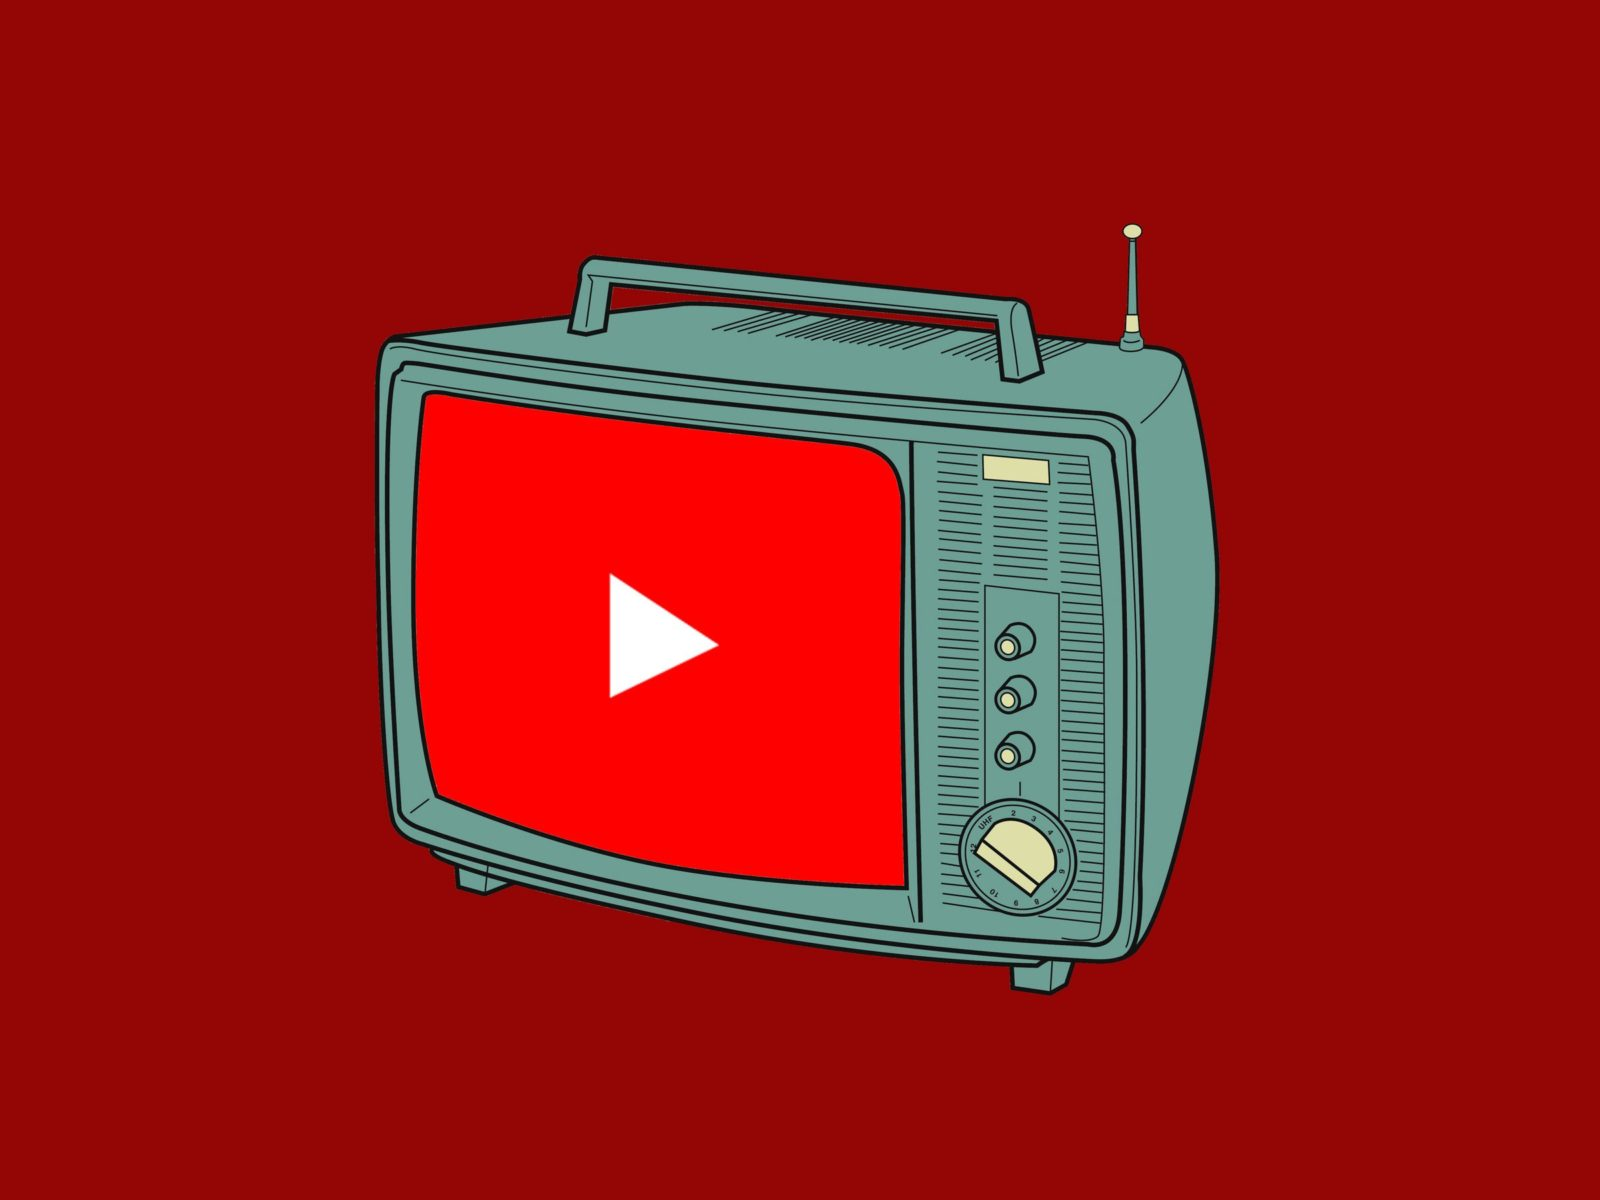 Վիդեոգովազդի 3 կարևոր հնարք, որոնք կօգնեն գրավել լսարանը